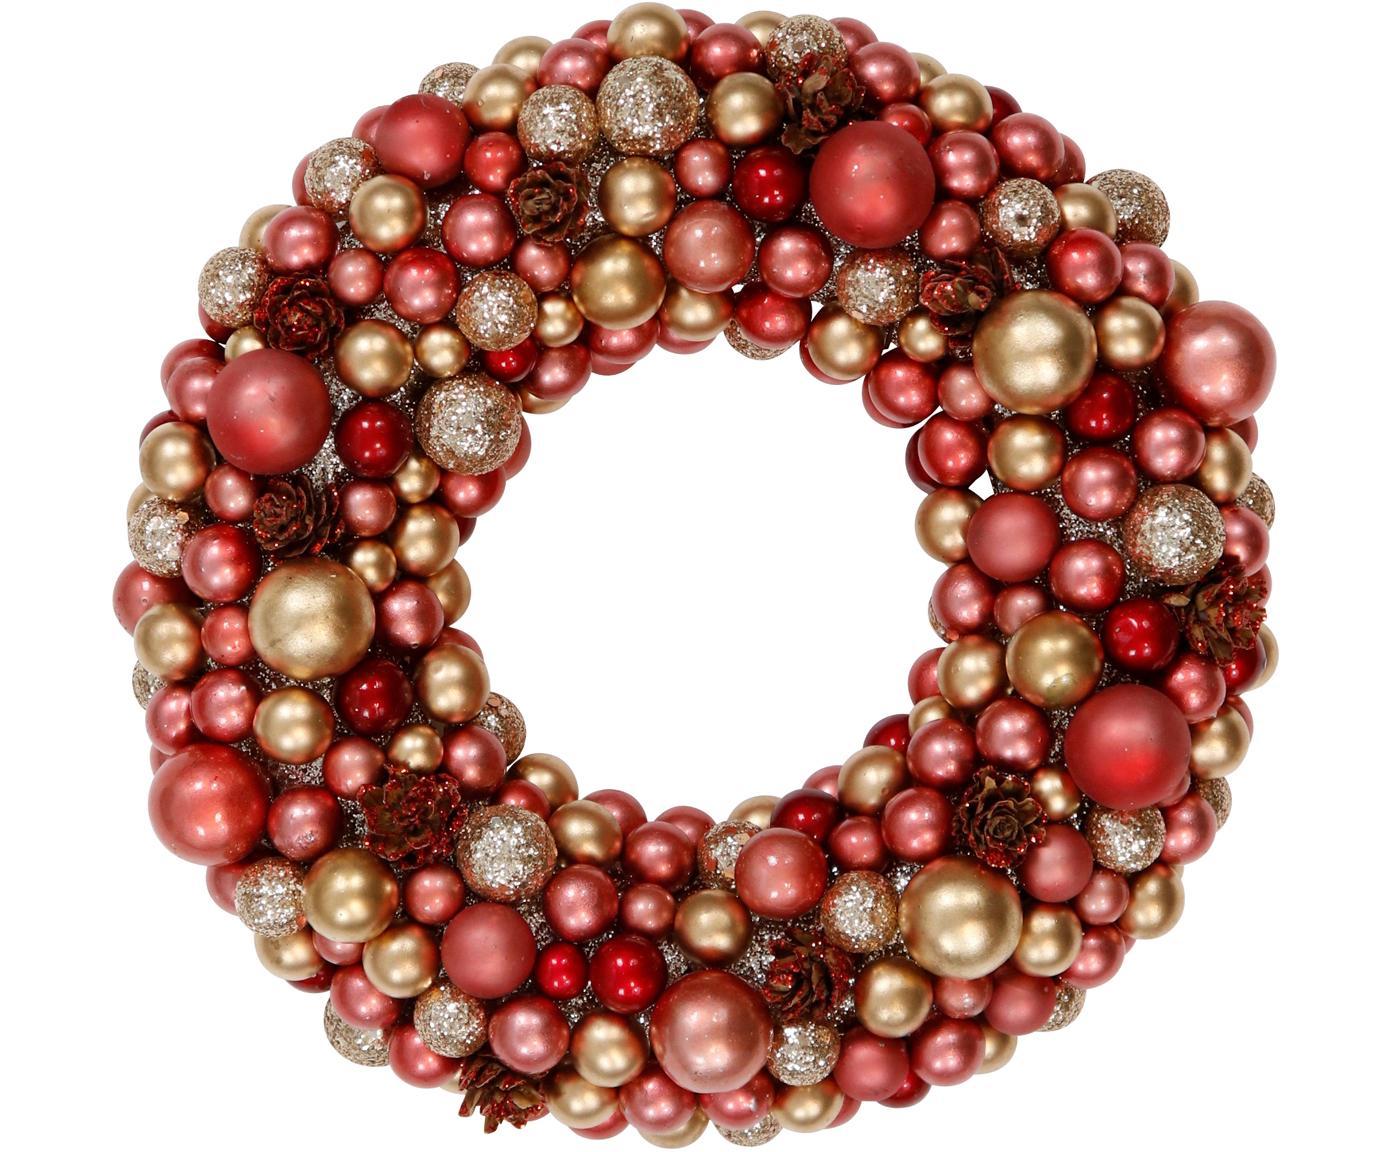 Wieniec dekoracyjny Festivity, Tworzywo sztuczne, polistyren, Czerwony, odcienie złotego, Ø 25 x W 6 cm